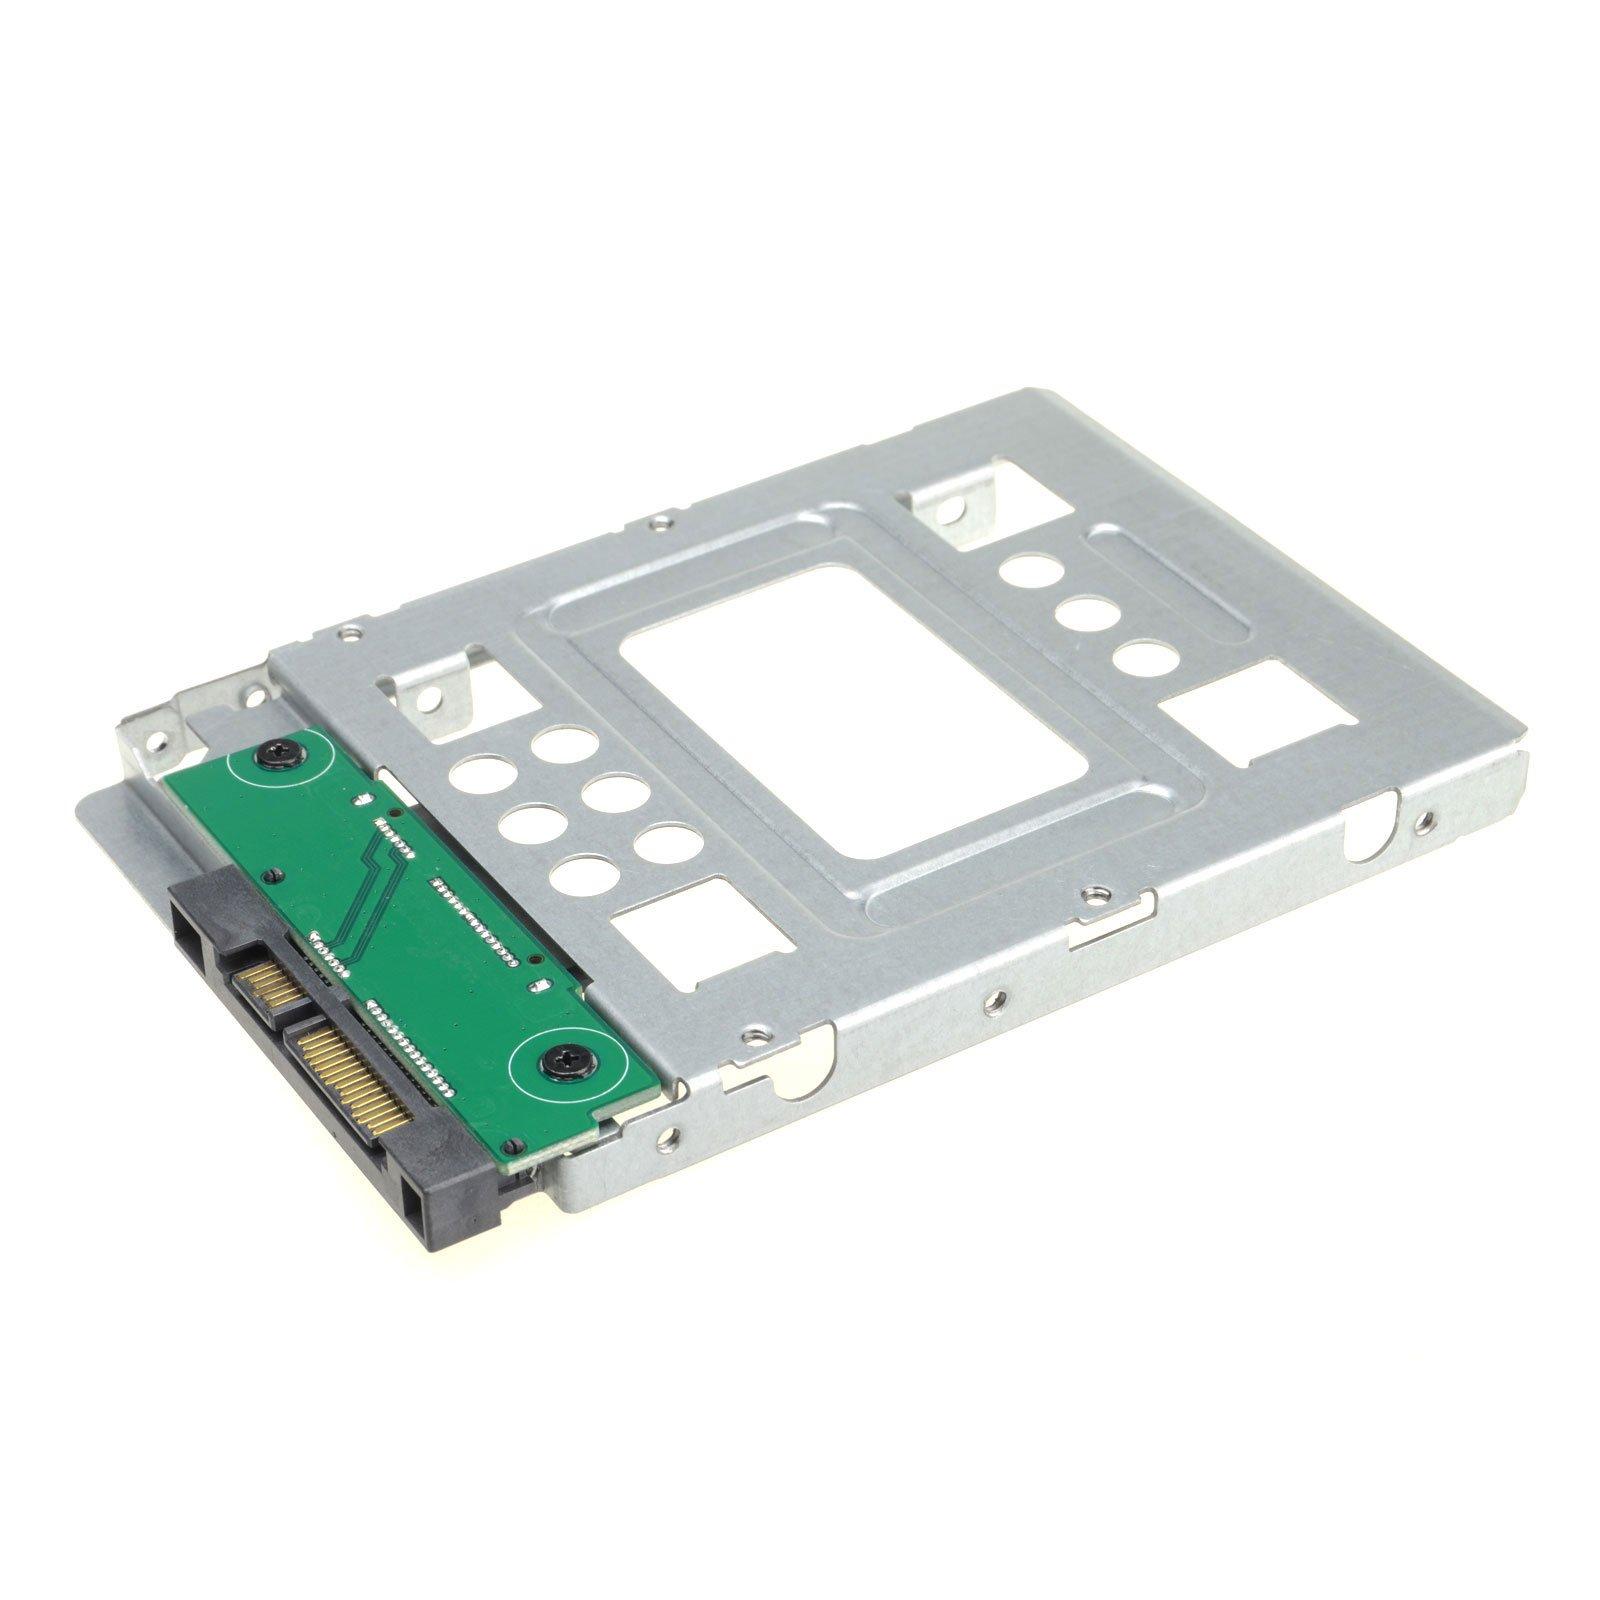 """Adaptador de Disco Duro SSD a 3,5"""" SATA de Disco Duro de Caddy para Bandeja y Jaula de Intercambio en Caliente"""